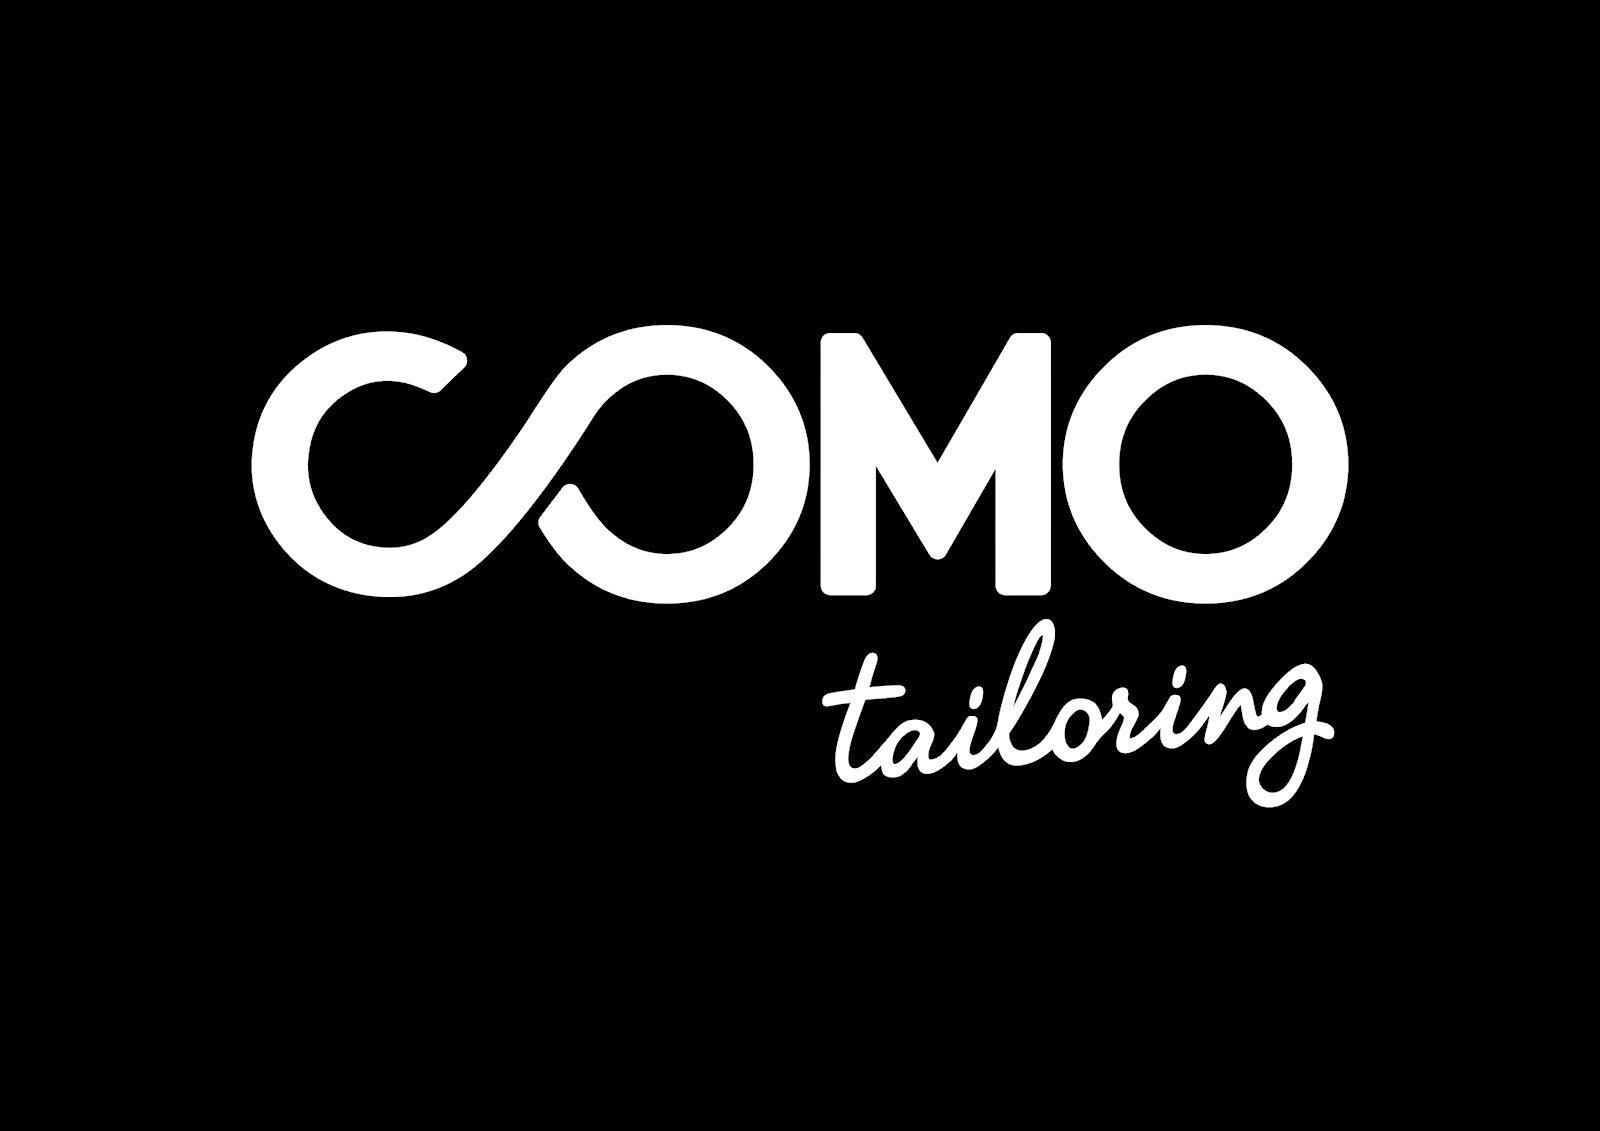 COMO Tailoring